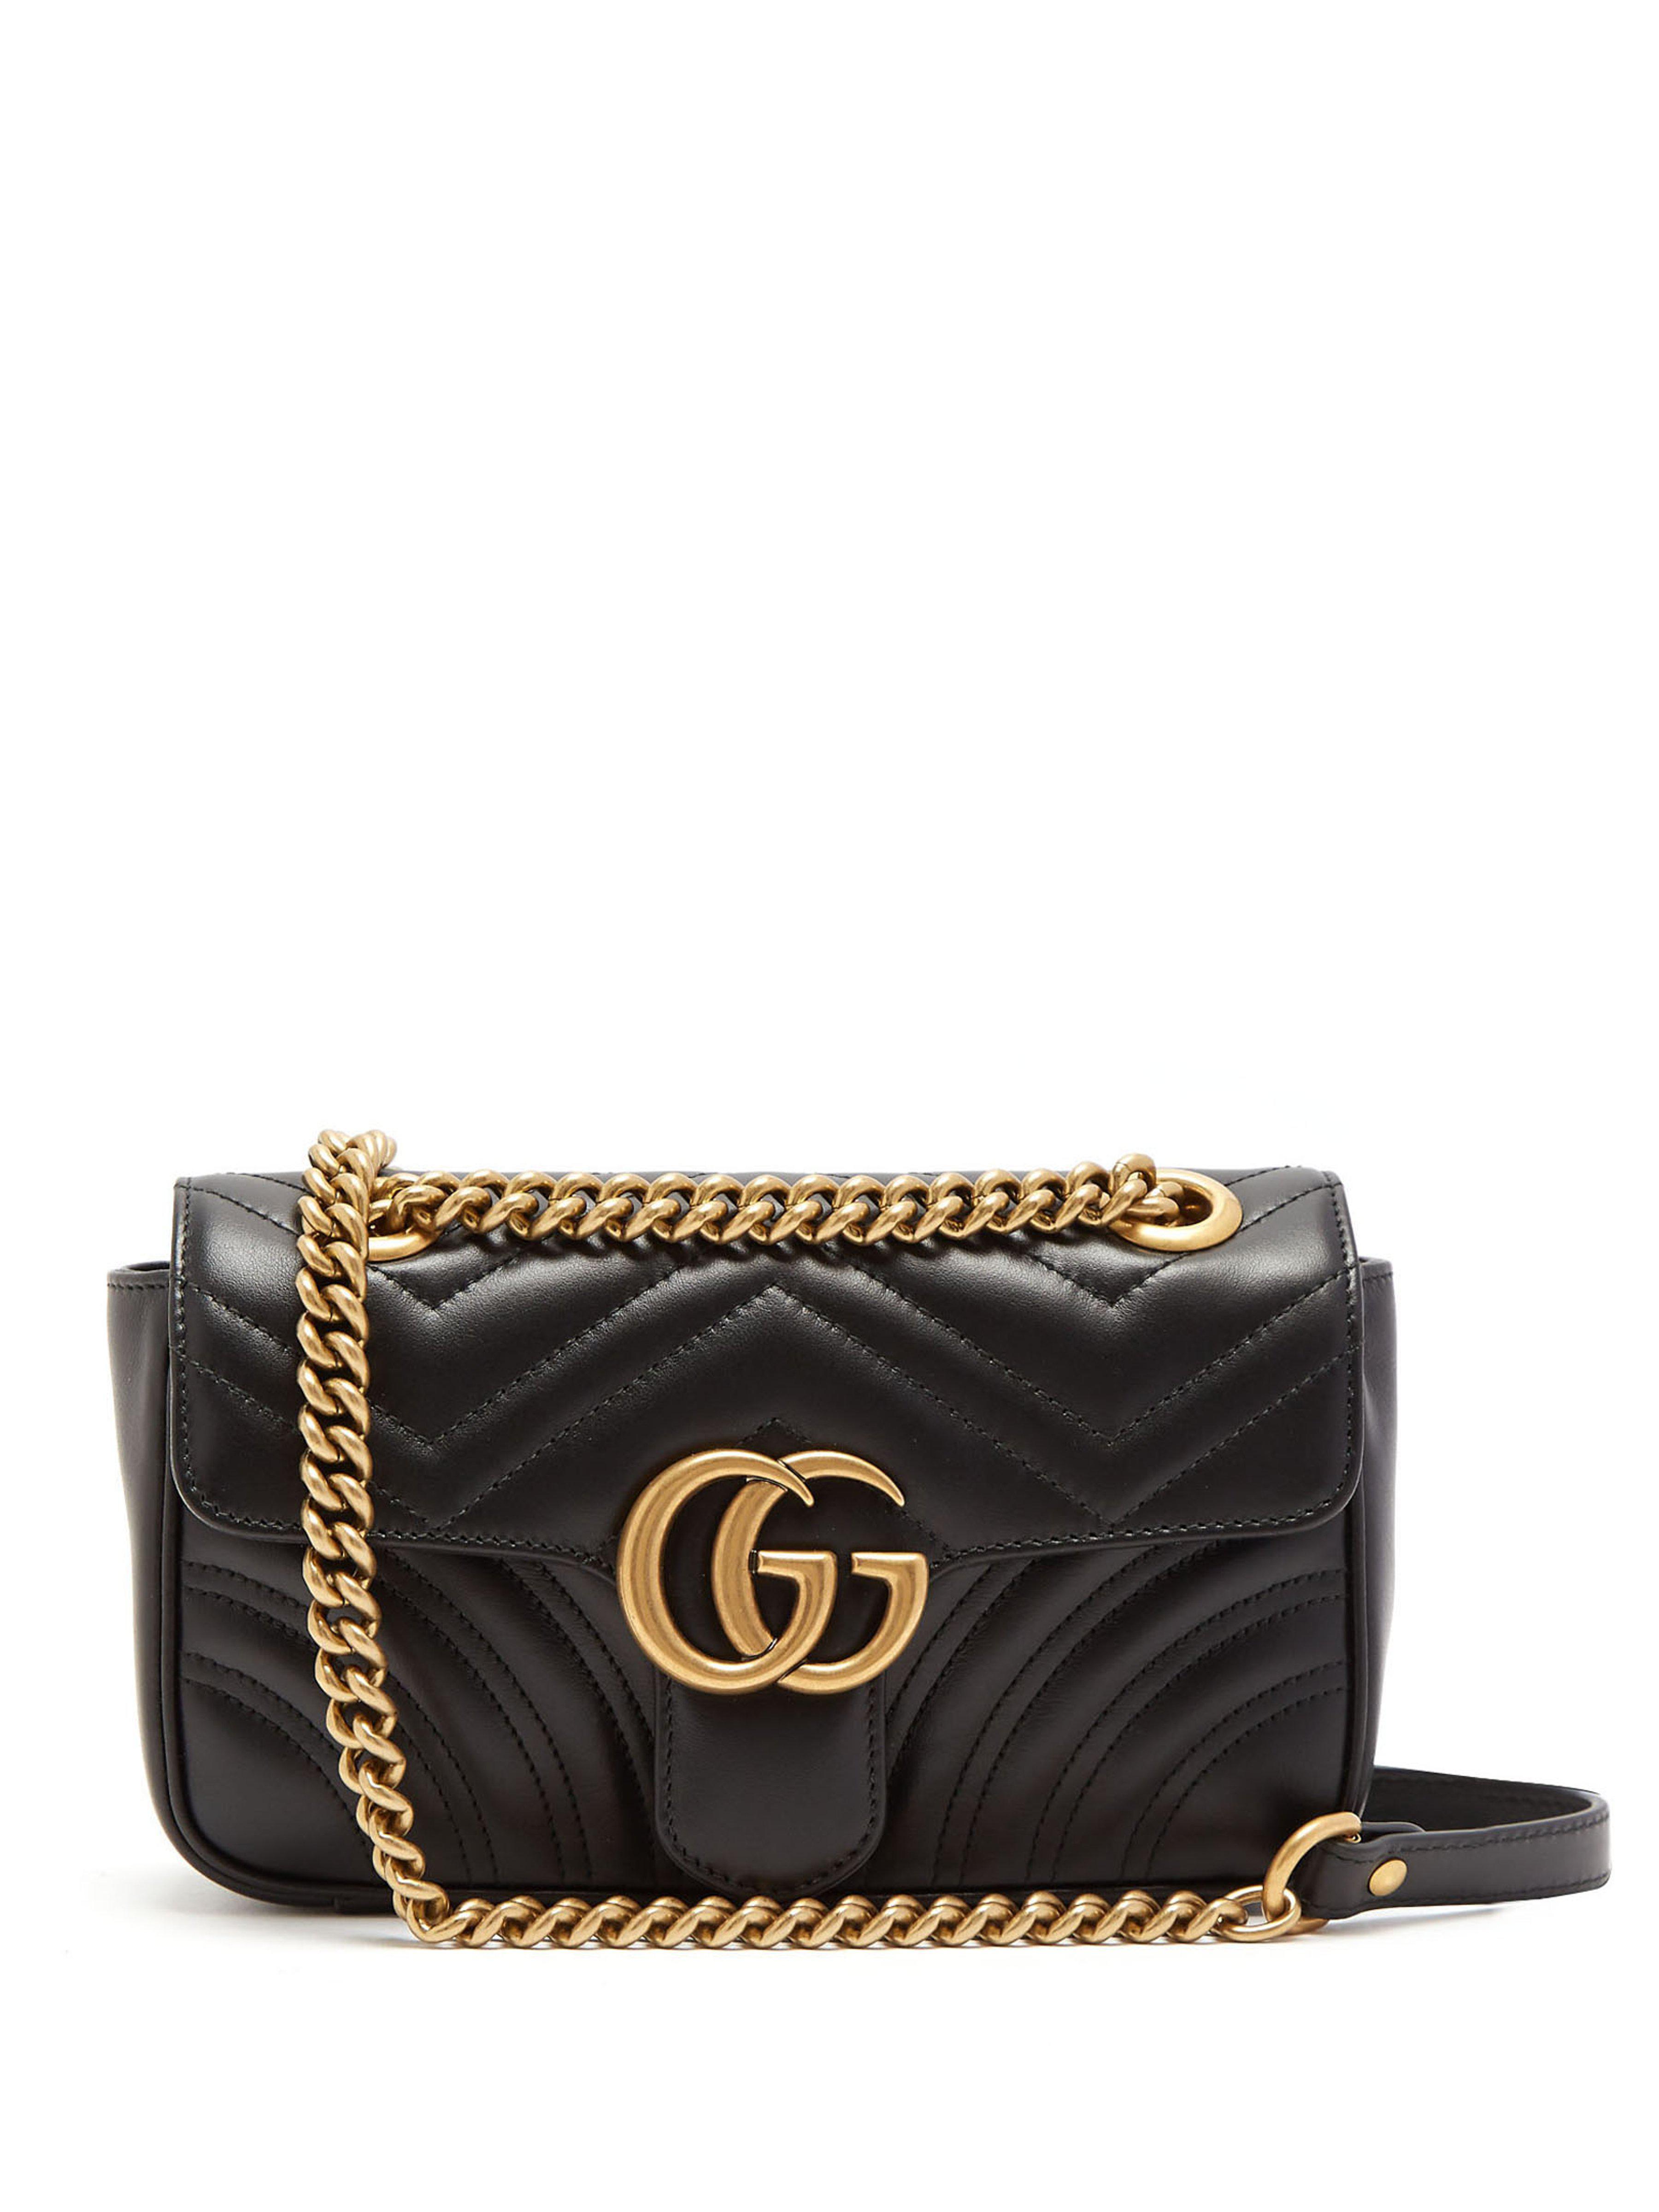 Lyst - Sac bandoulière en cuir matelassé GG Marmont mini Gucci en ... 3ba65002970